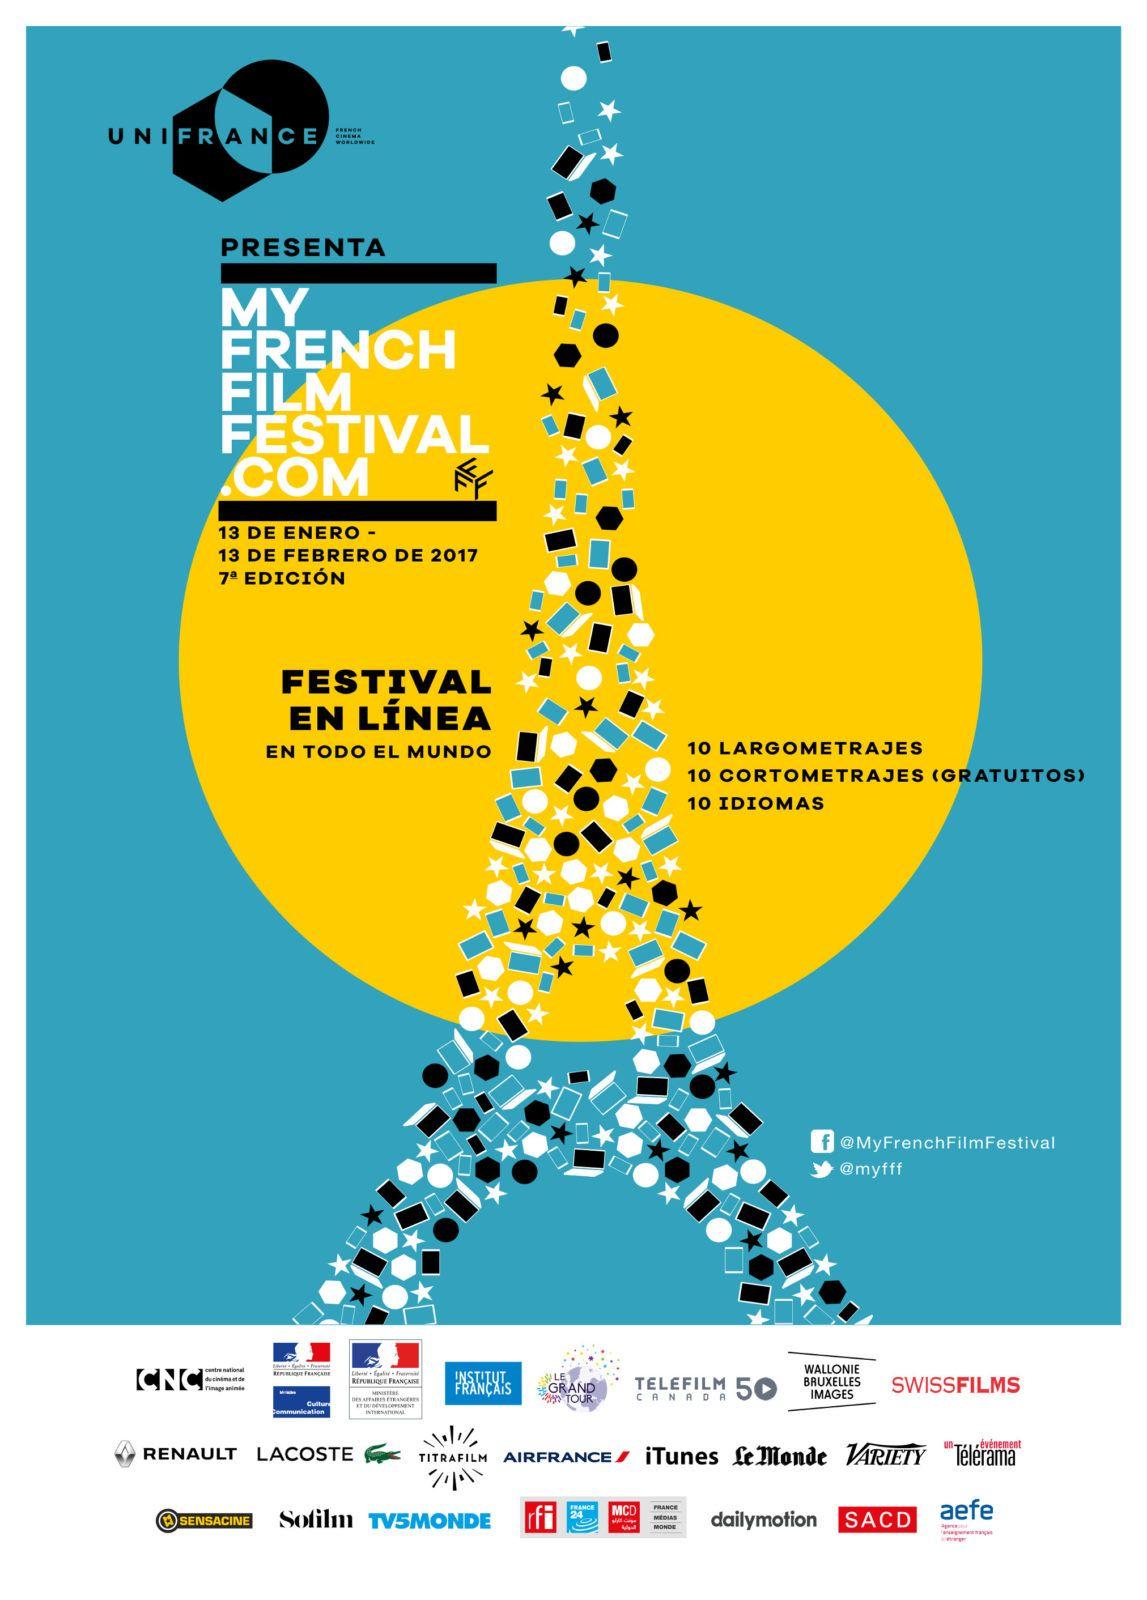 festival-de-cine-frances-en-linea